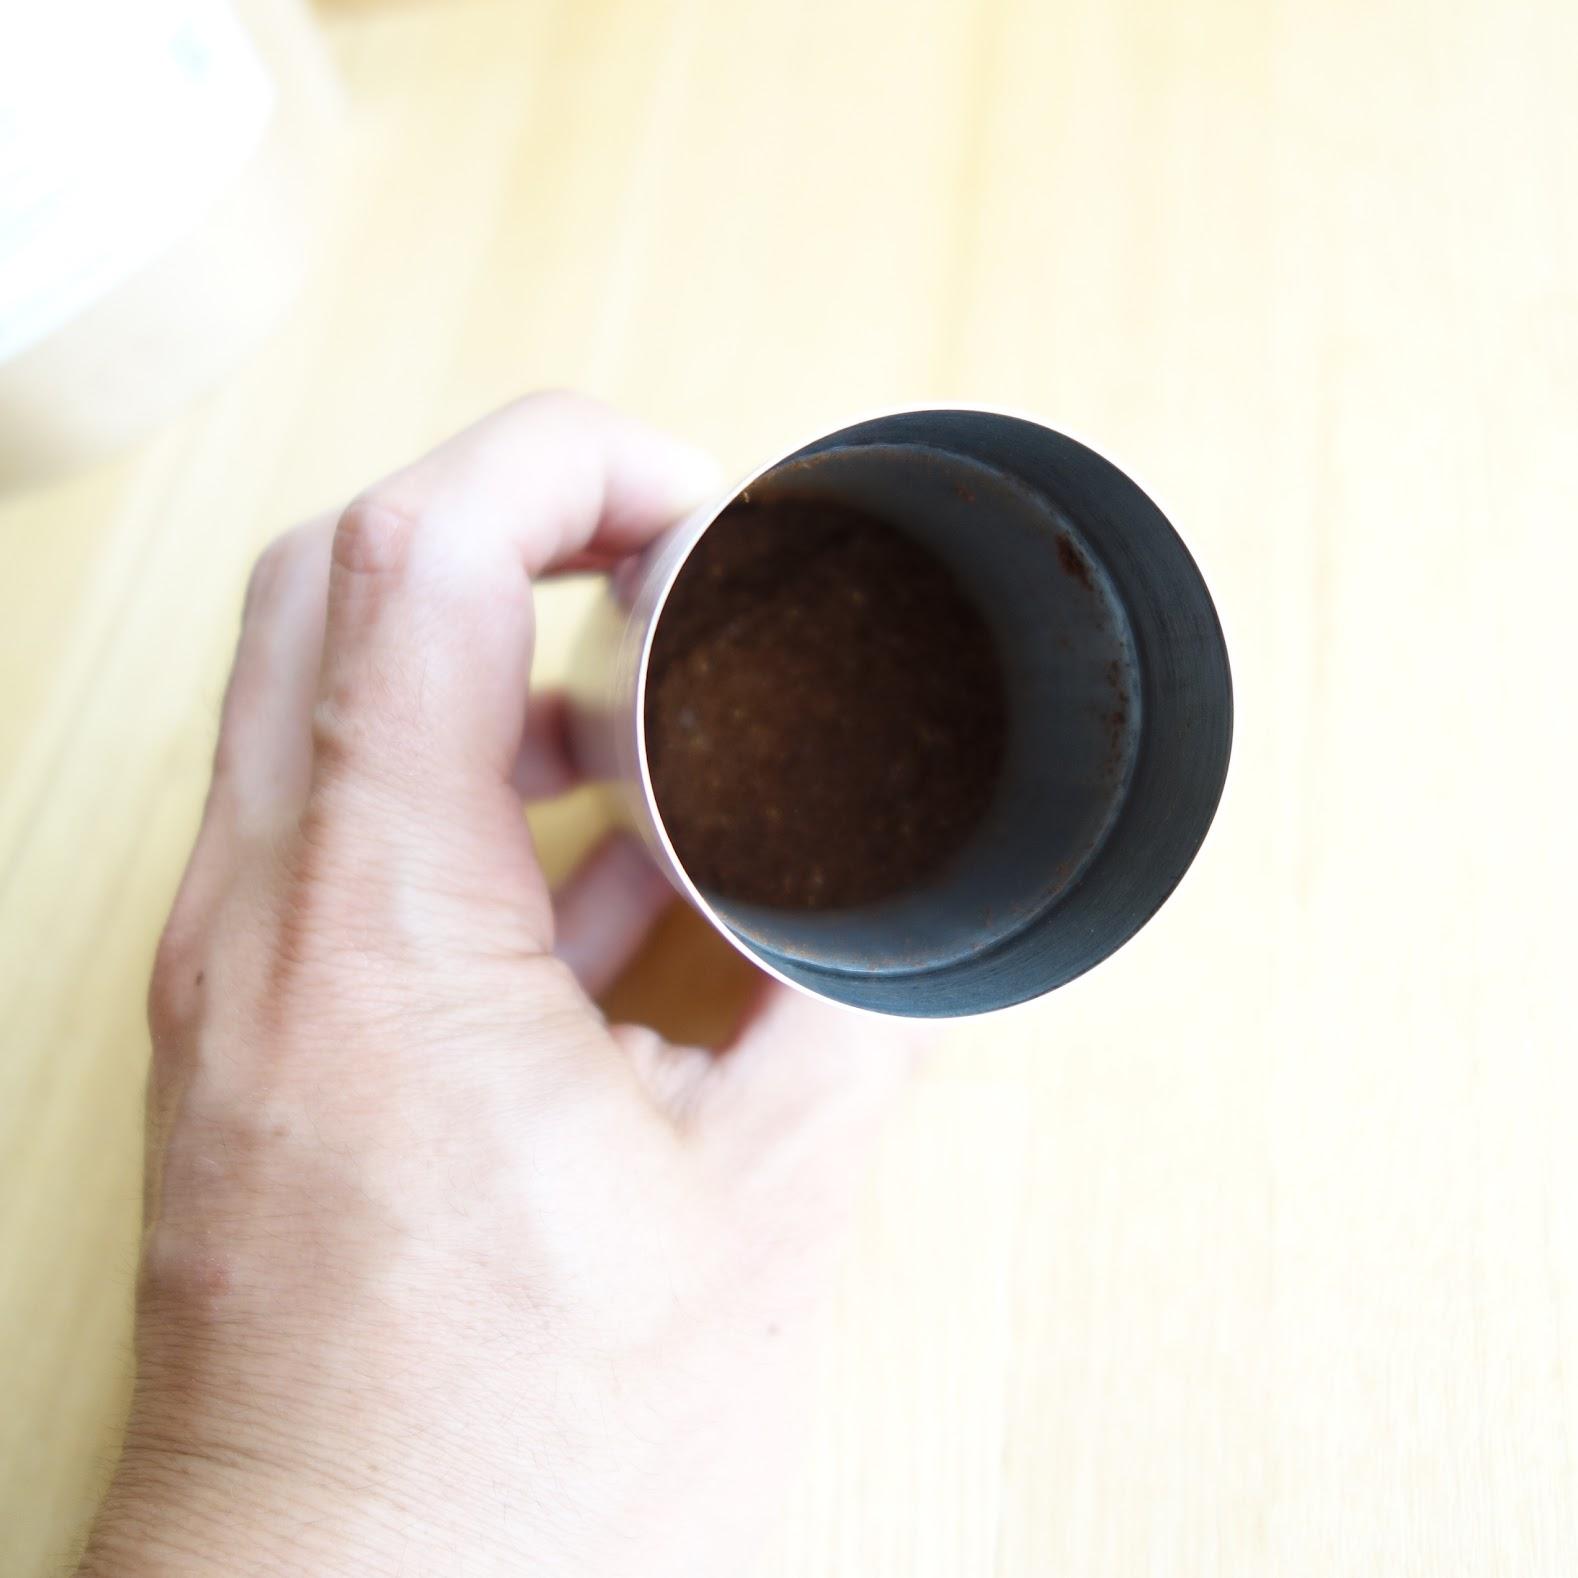 ポーレックス コーヒーミル2 豆を挽き終わった状態